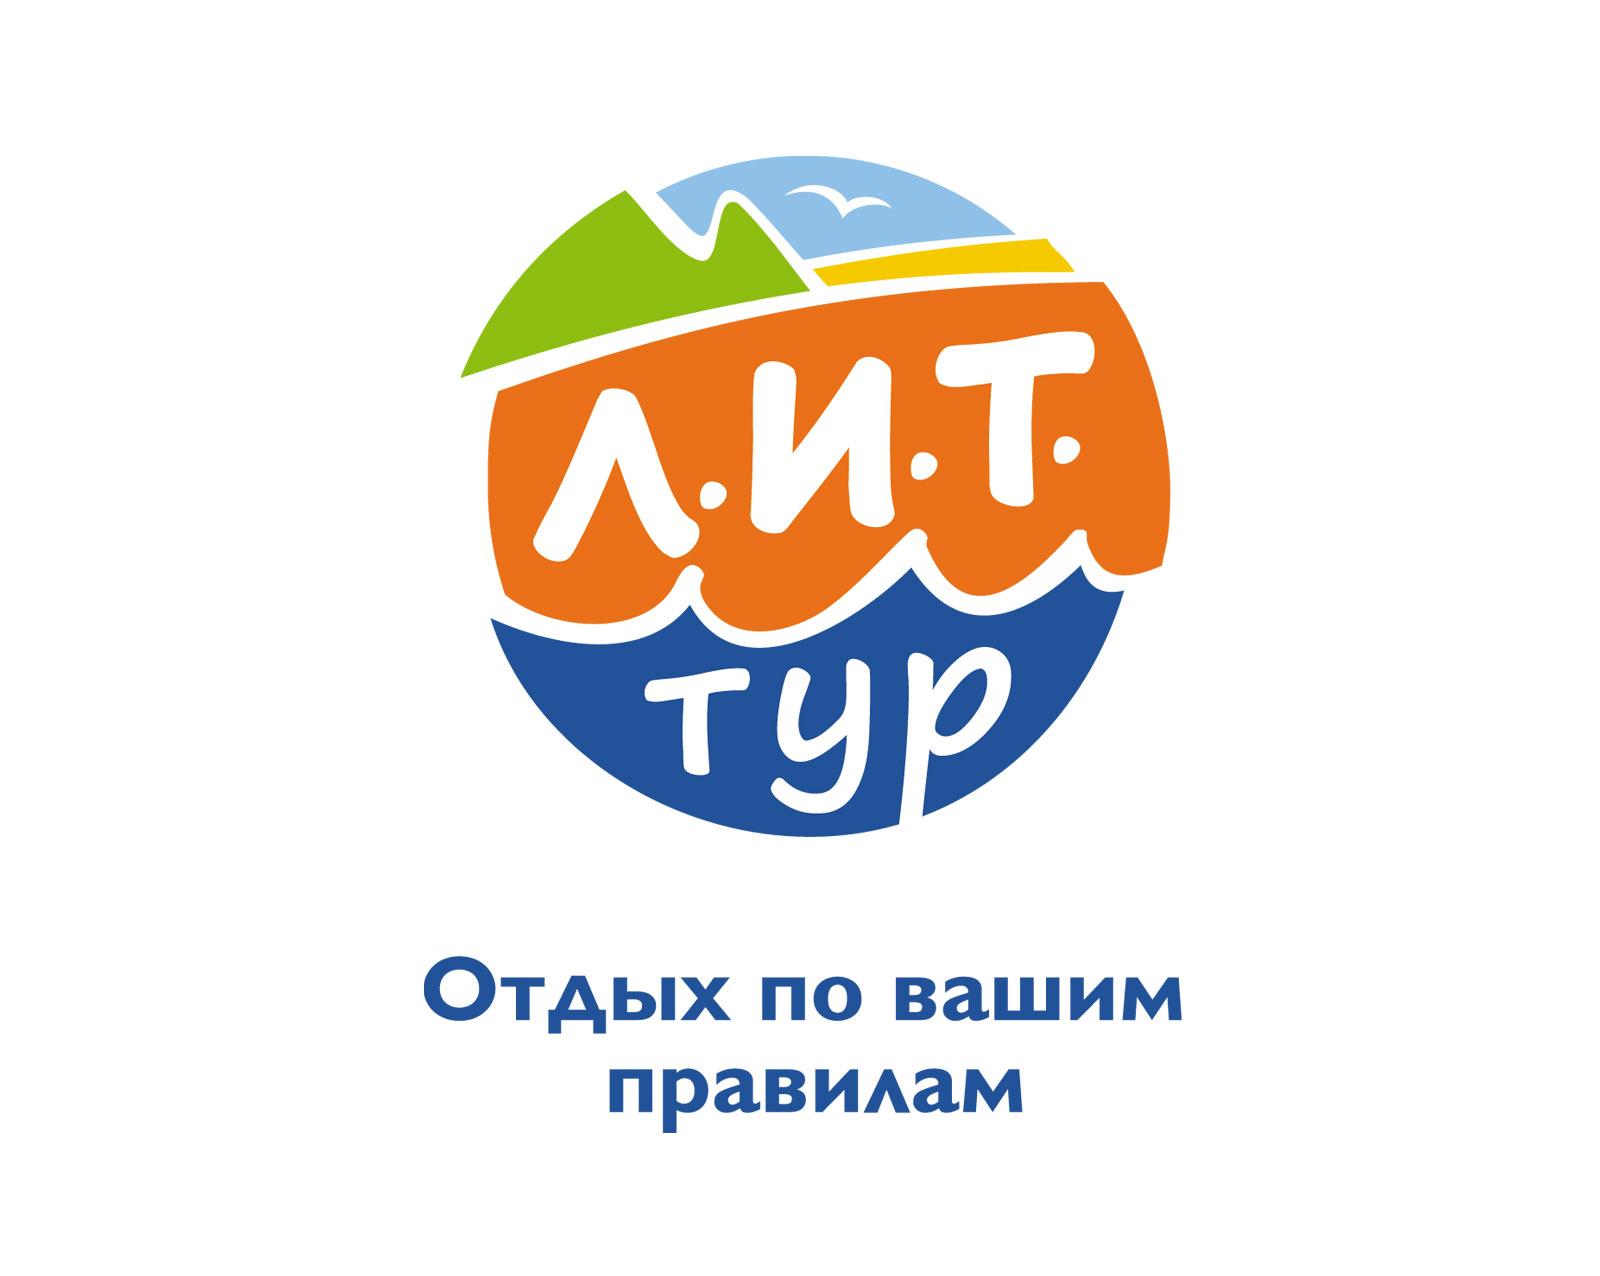 картинки логотипа для фирмы